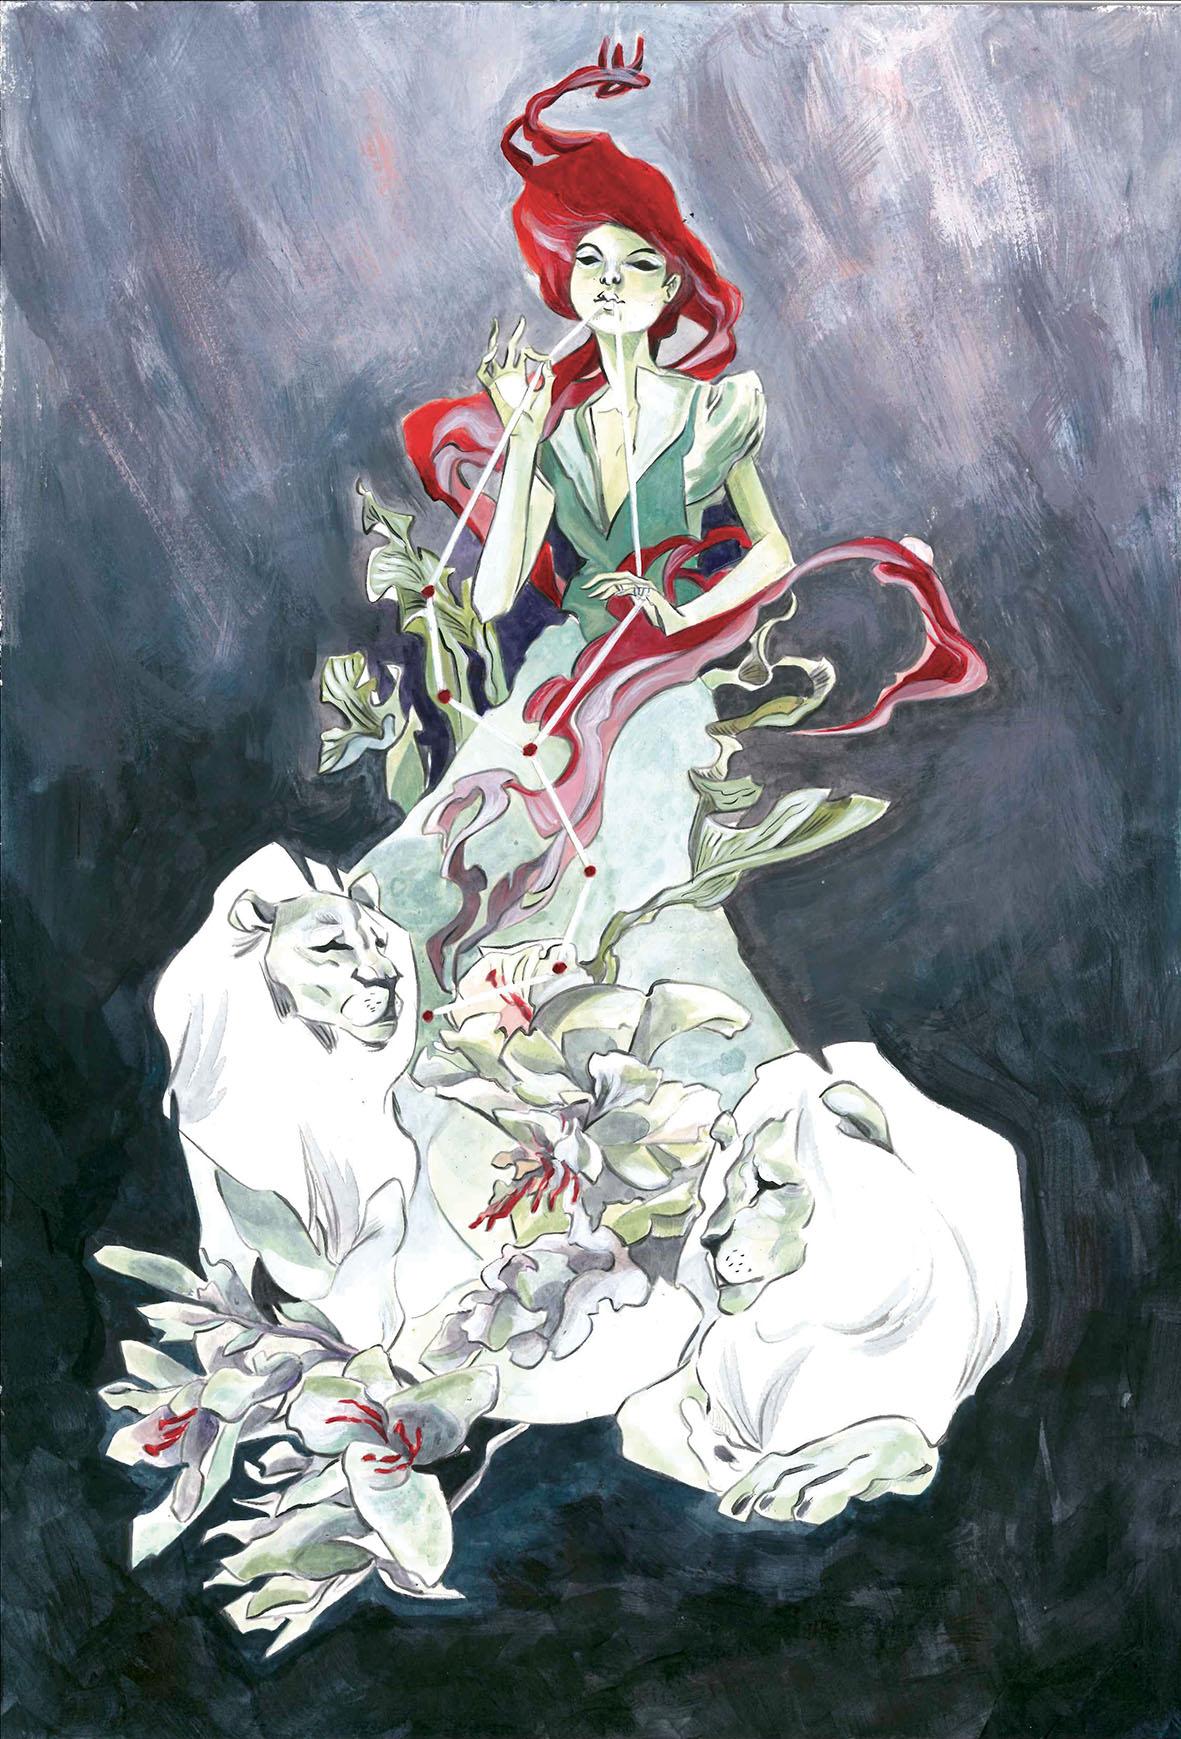 Ozma: illustrazione ad acrilico, studio di personaggio ispirato a Ozma di Oz (Il Meraviglioso Mago di Oz, Baum) (Courtesy: La 3am)